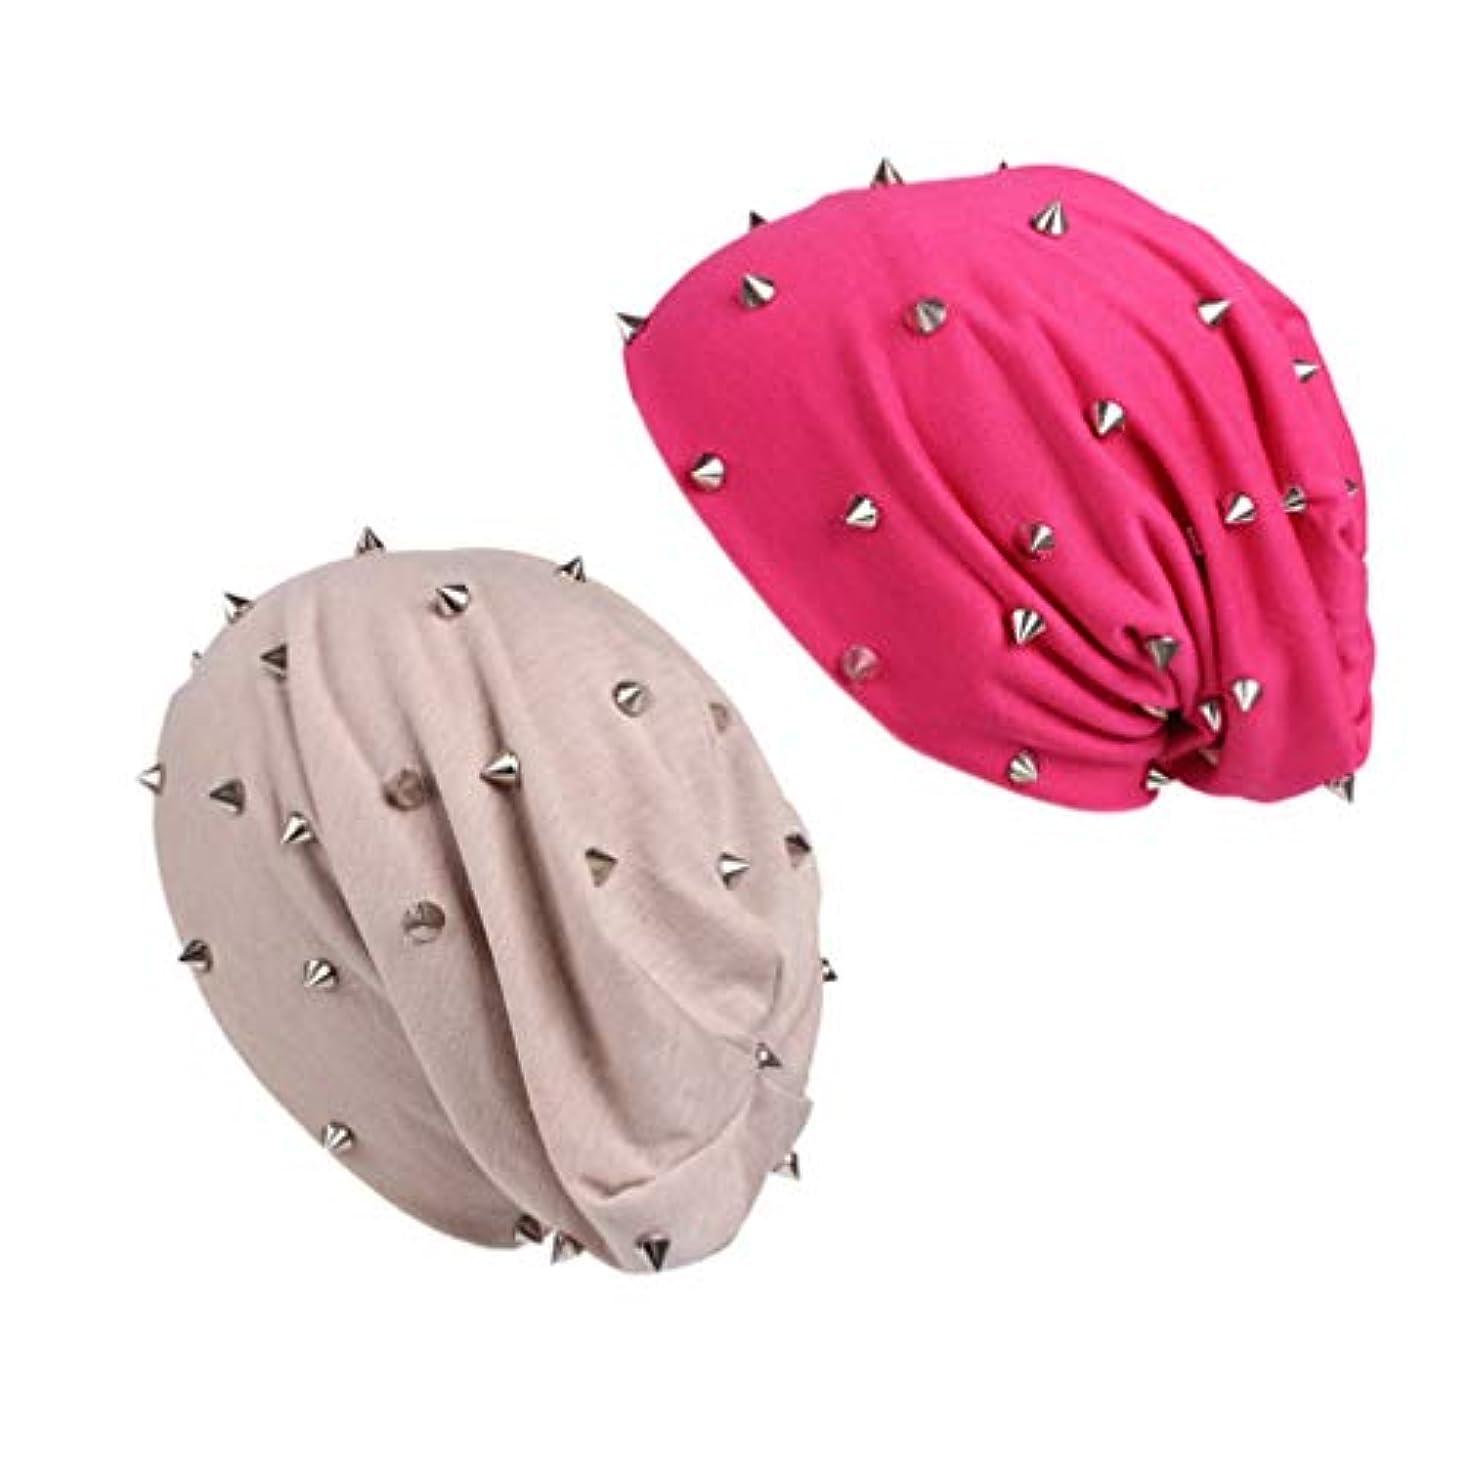 クリエイティブモンク特異なHealifty 2ピースリベットビーニー帽子エッジの効いたスパイクスタッドパンクロックヒップホップキャップベージュロージー